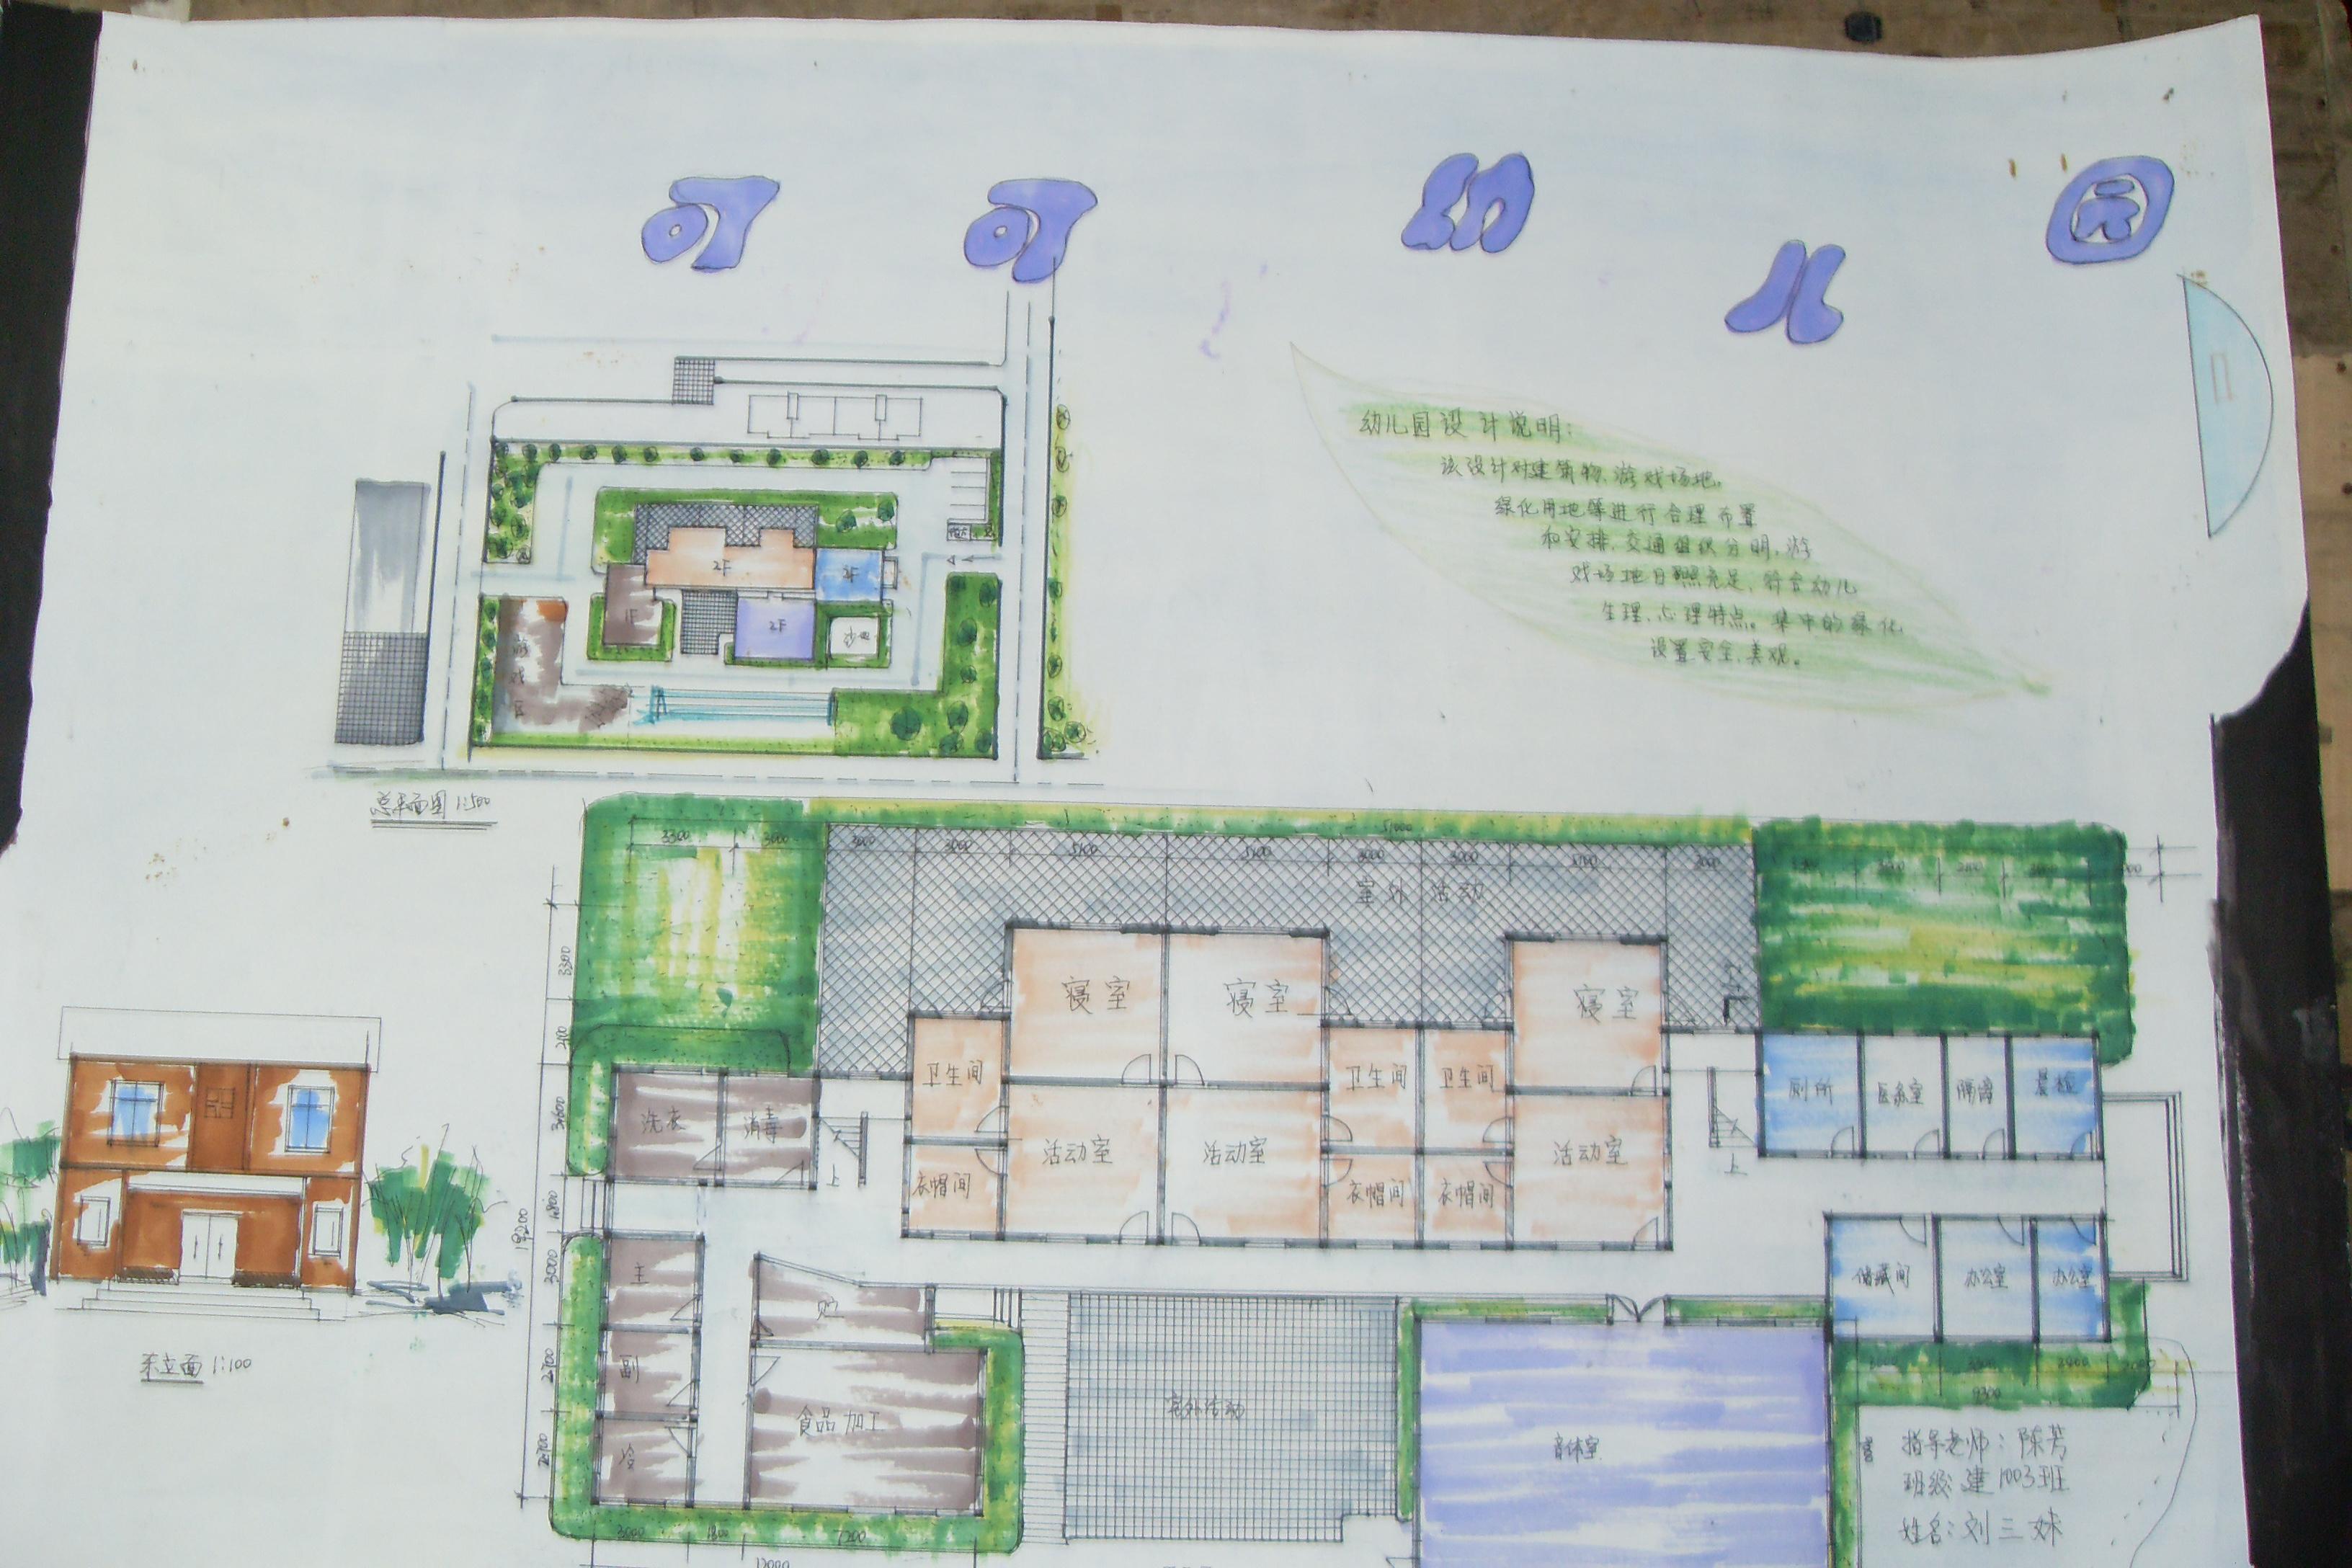 幼儿园活动区域平面设计图片展示